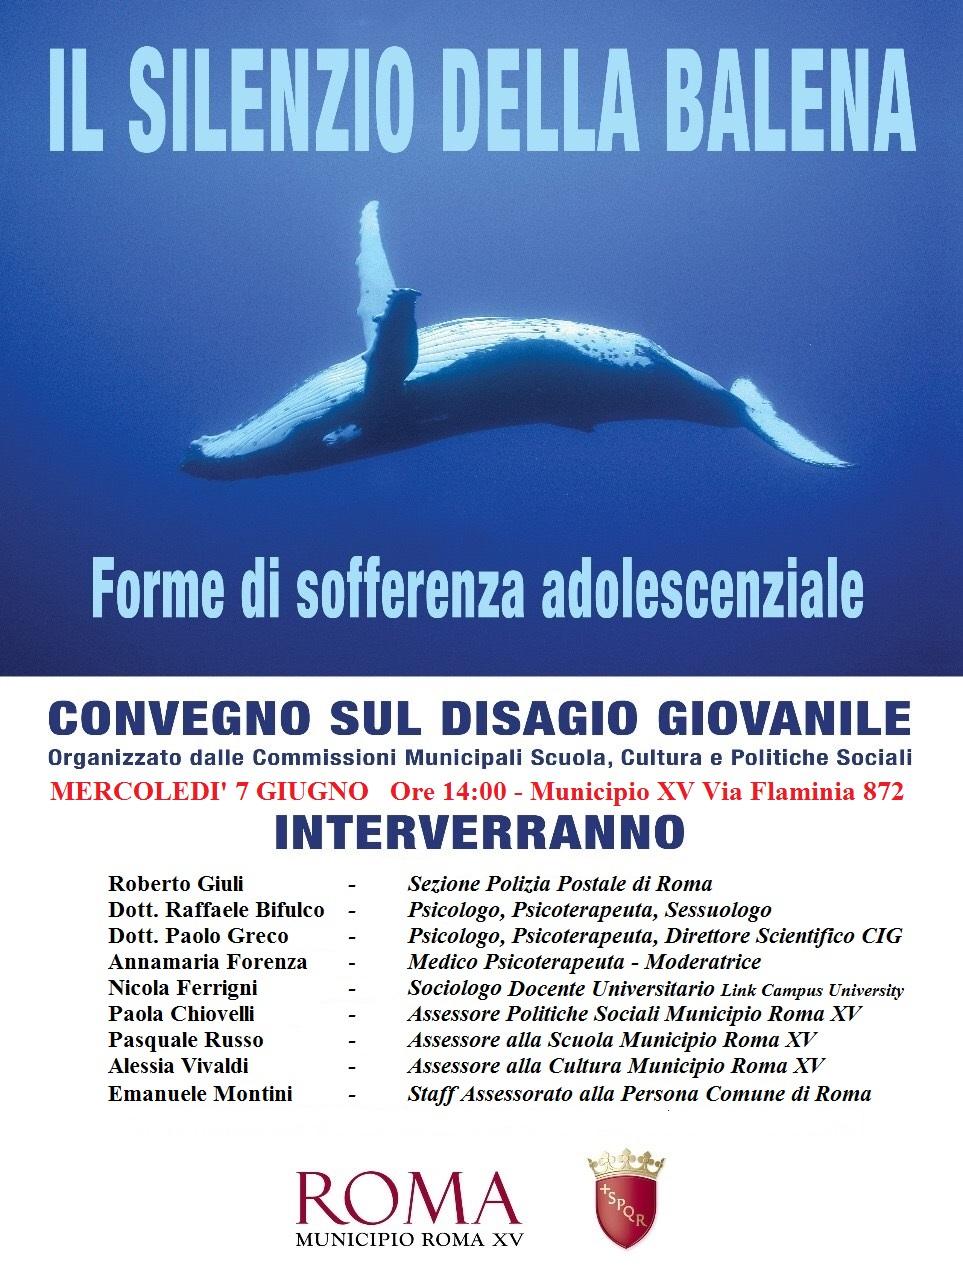 Il silenzio della balena, in XV si parla di disagio giovanile